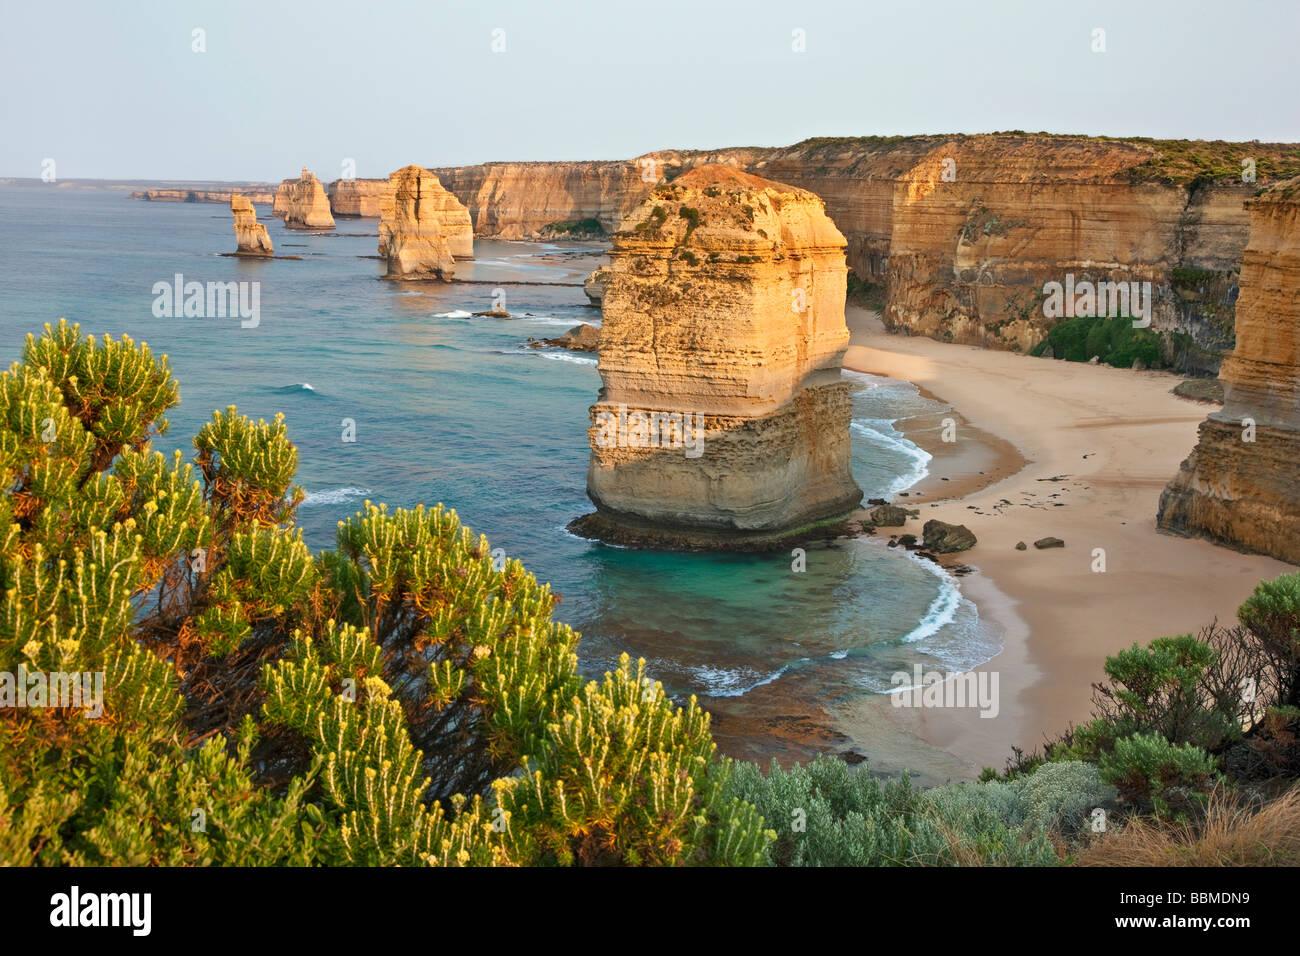 Australia, Victoria. Algunos de los Doce Apóstoles de pie en aguas poco profundas en el Parque Nacional de Imagen De Stock